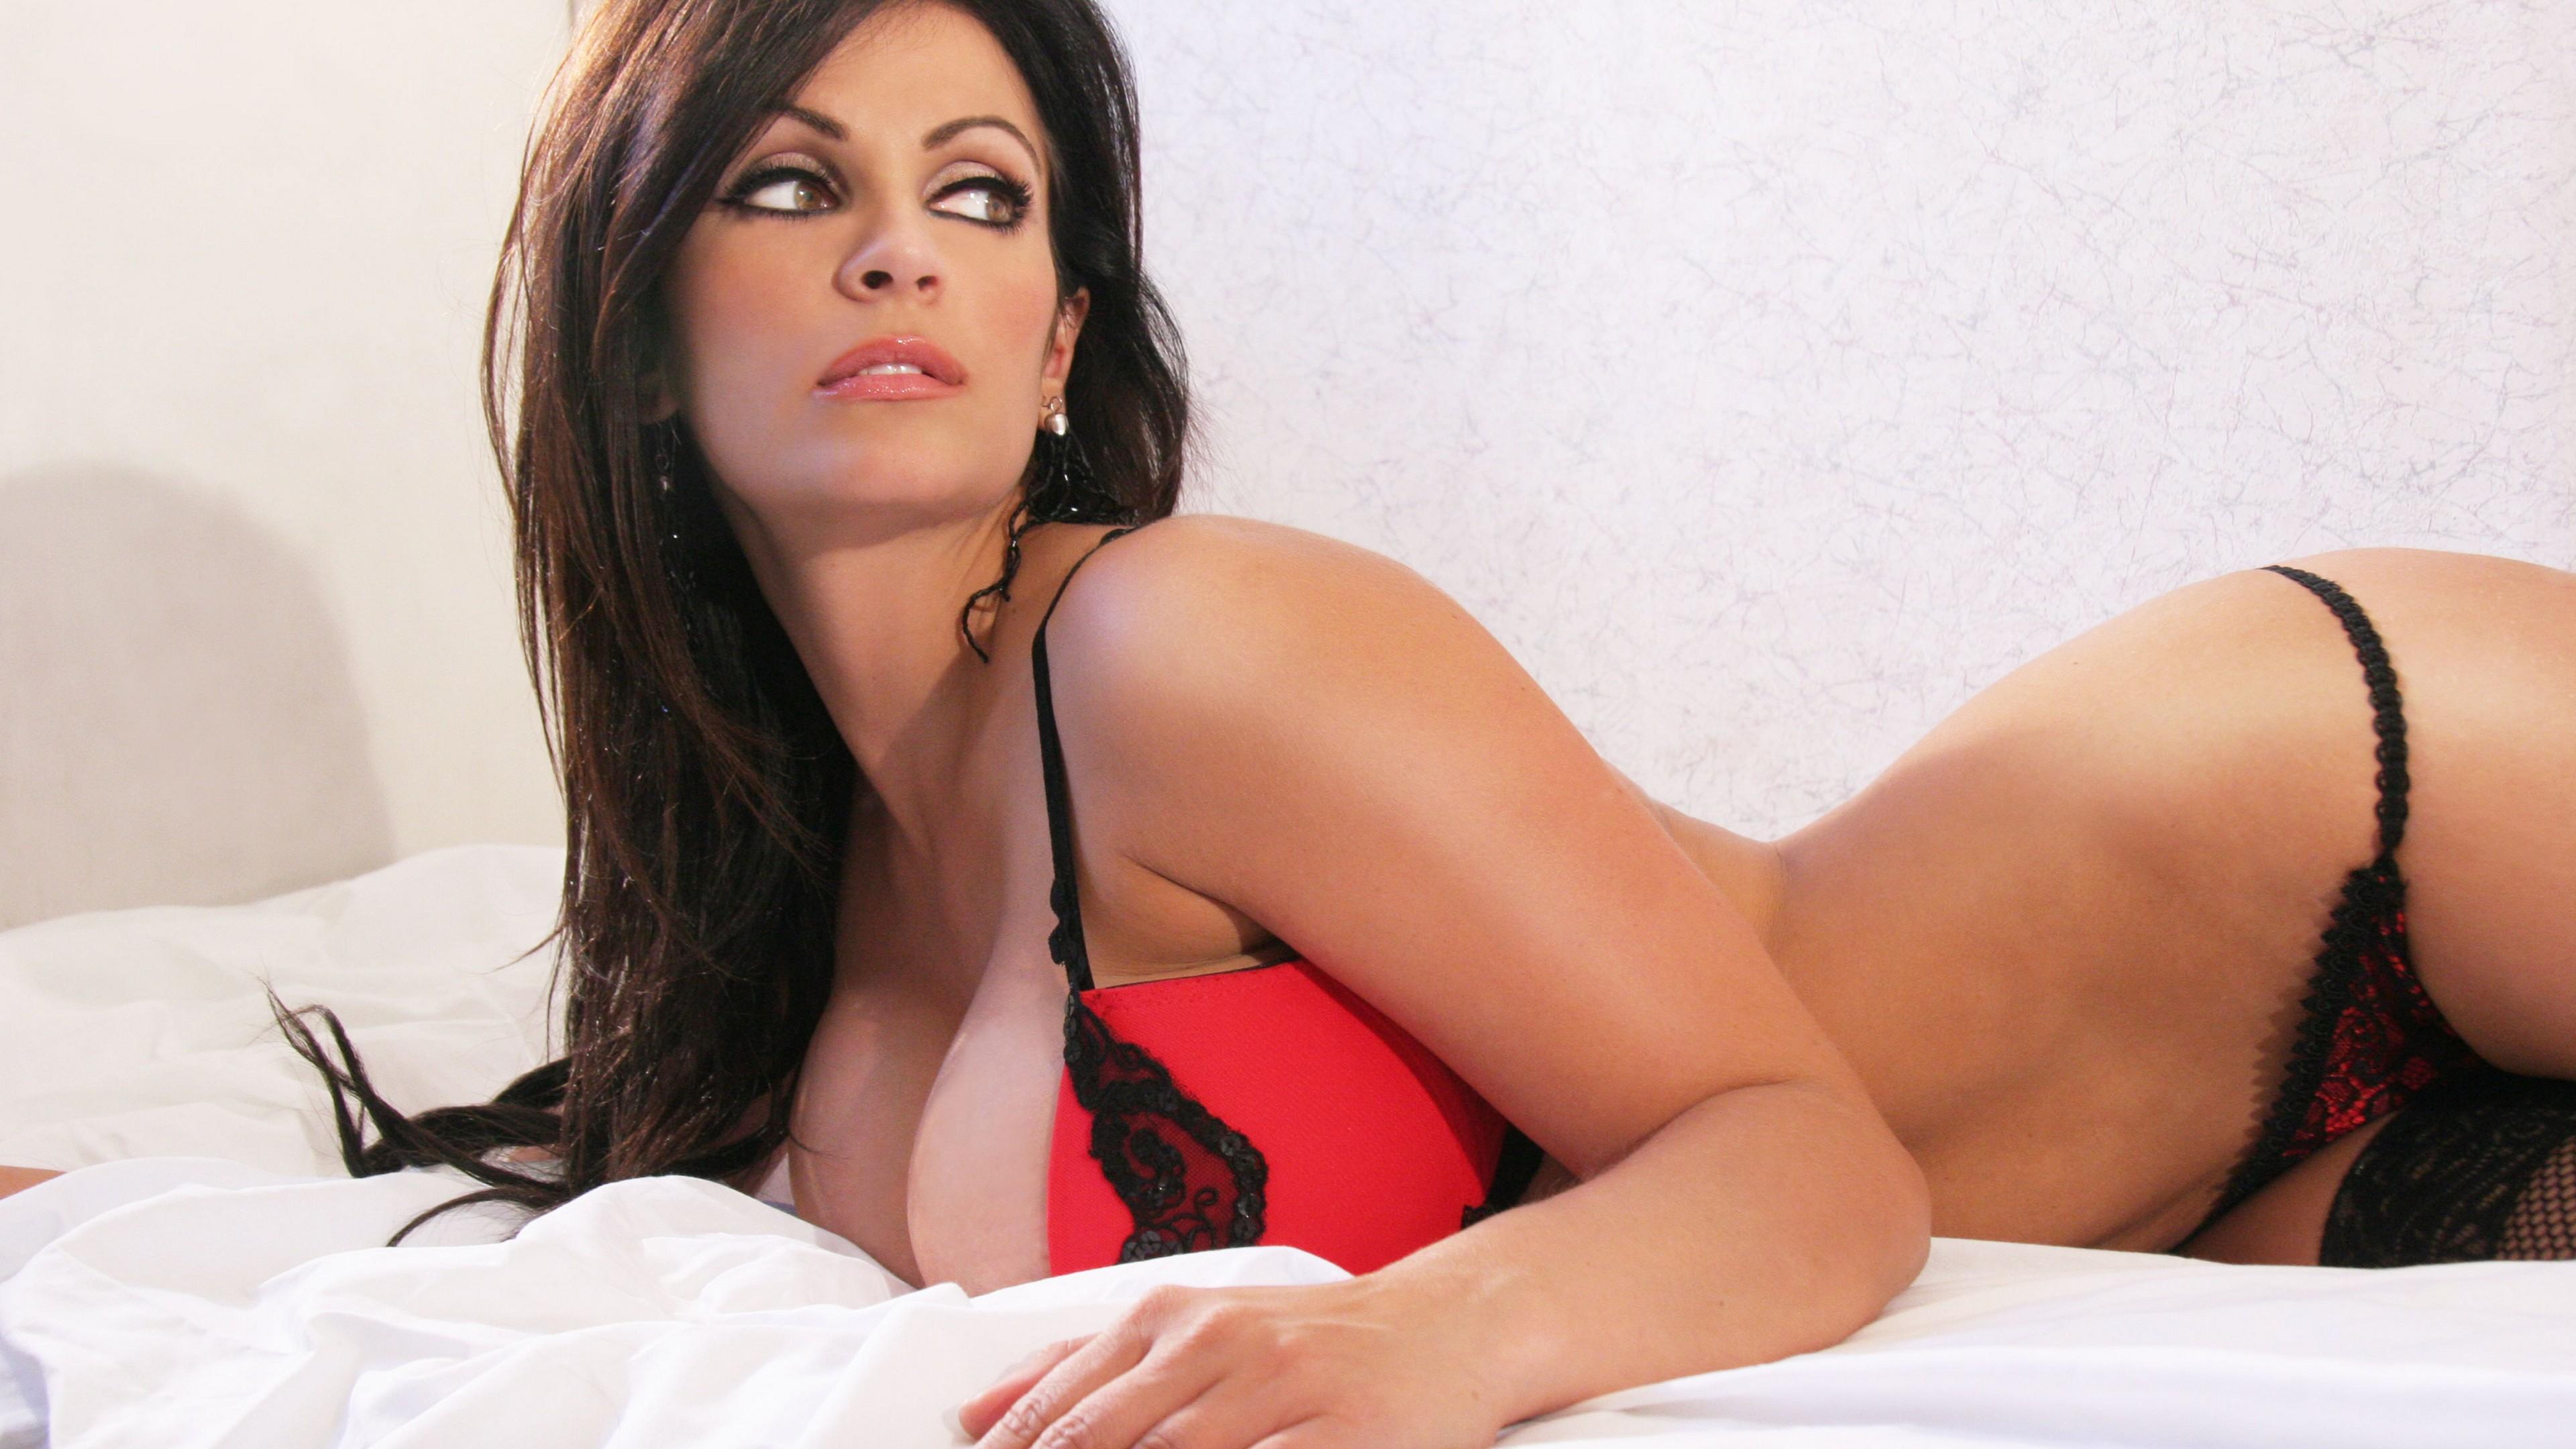 Latina babe Penelope Tyler with big tits fucks till a cumshot № 467513  скачать